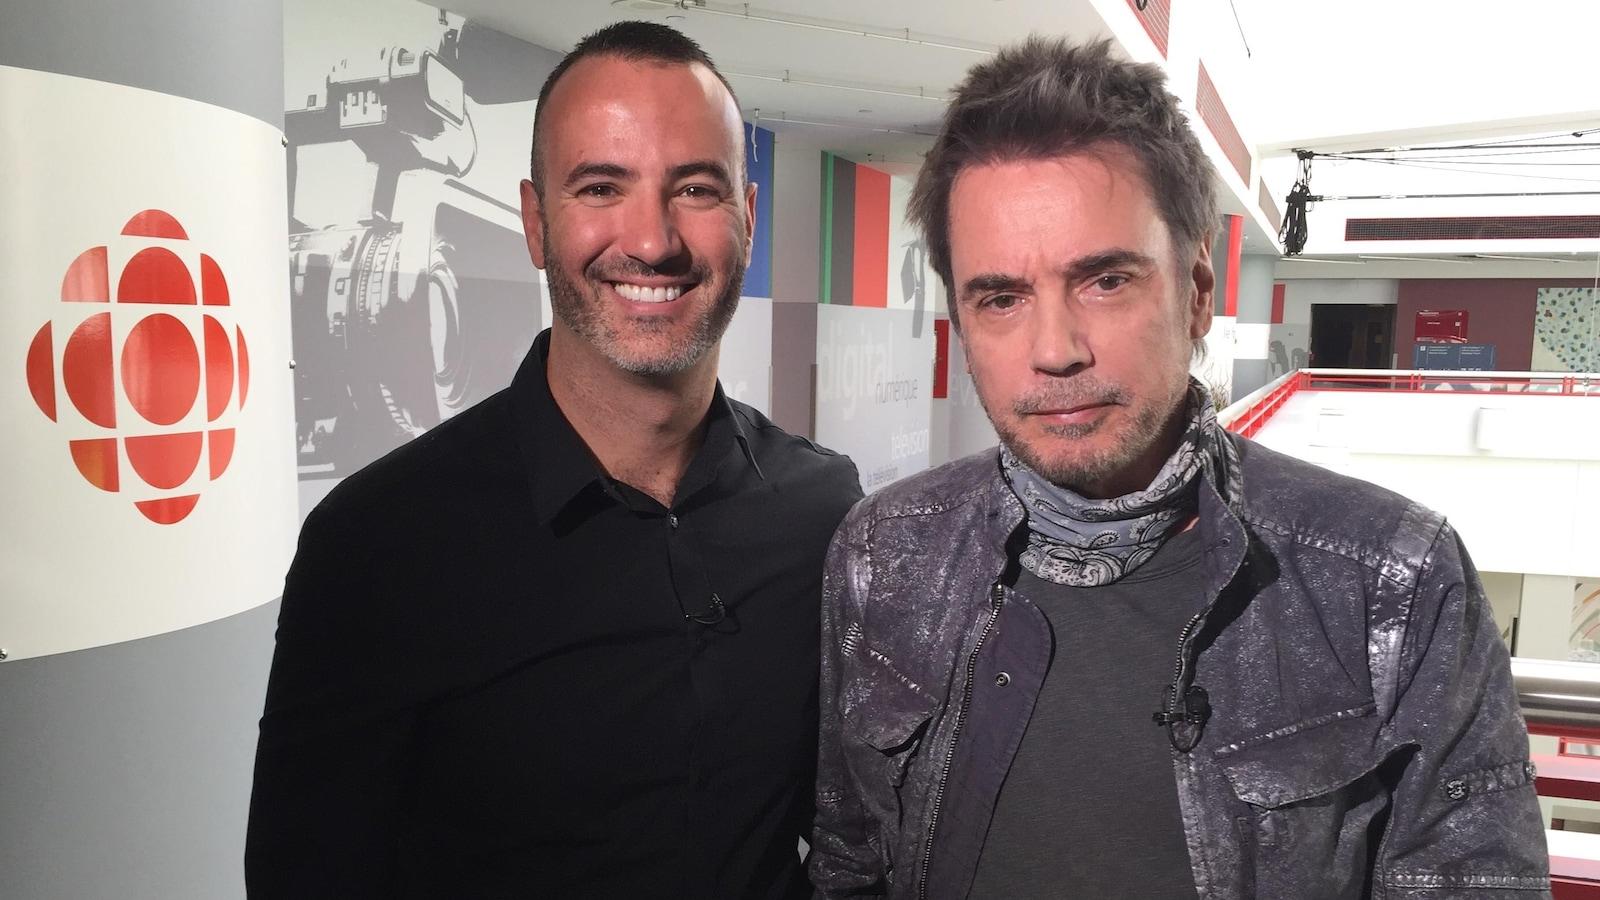 Portrait de Kevin et Jean-Michel dans les locaux de CBC/Radio-Canada à Toronto